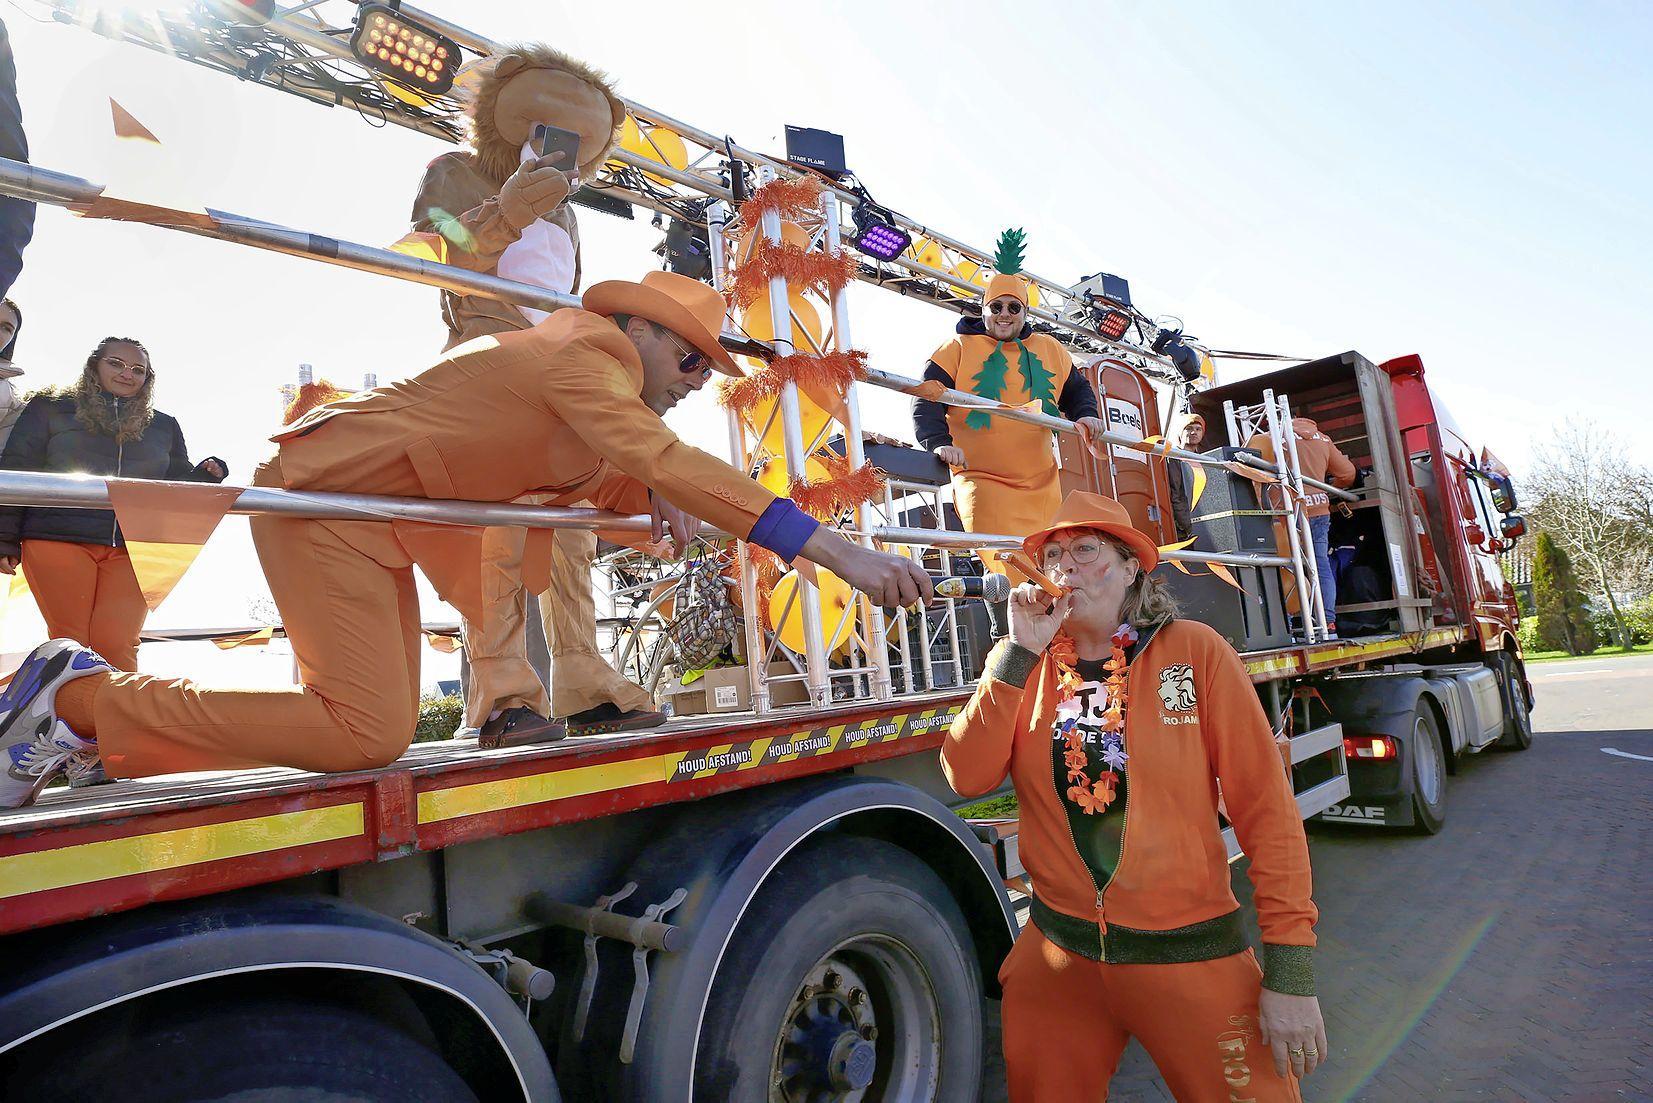 Koningsdag in de Polder: een oranje vorst, volop kermismuziek en af en toe een rookwolk trekt per vrachtwagen door de regio in de voortuintour